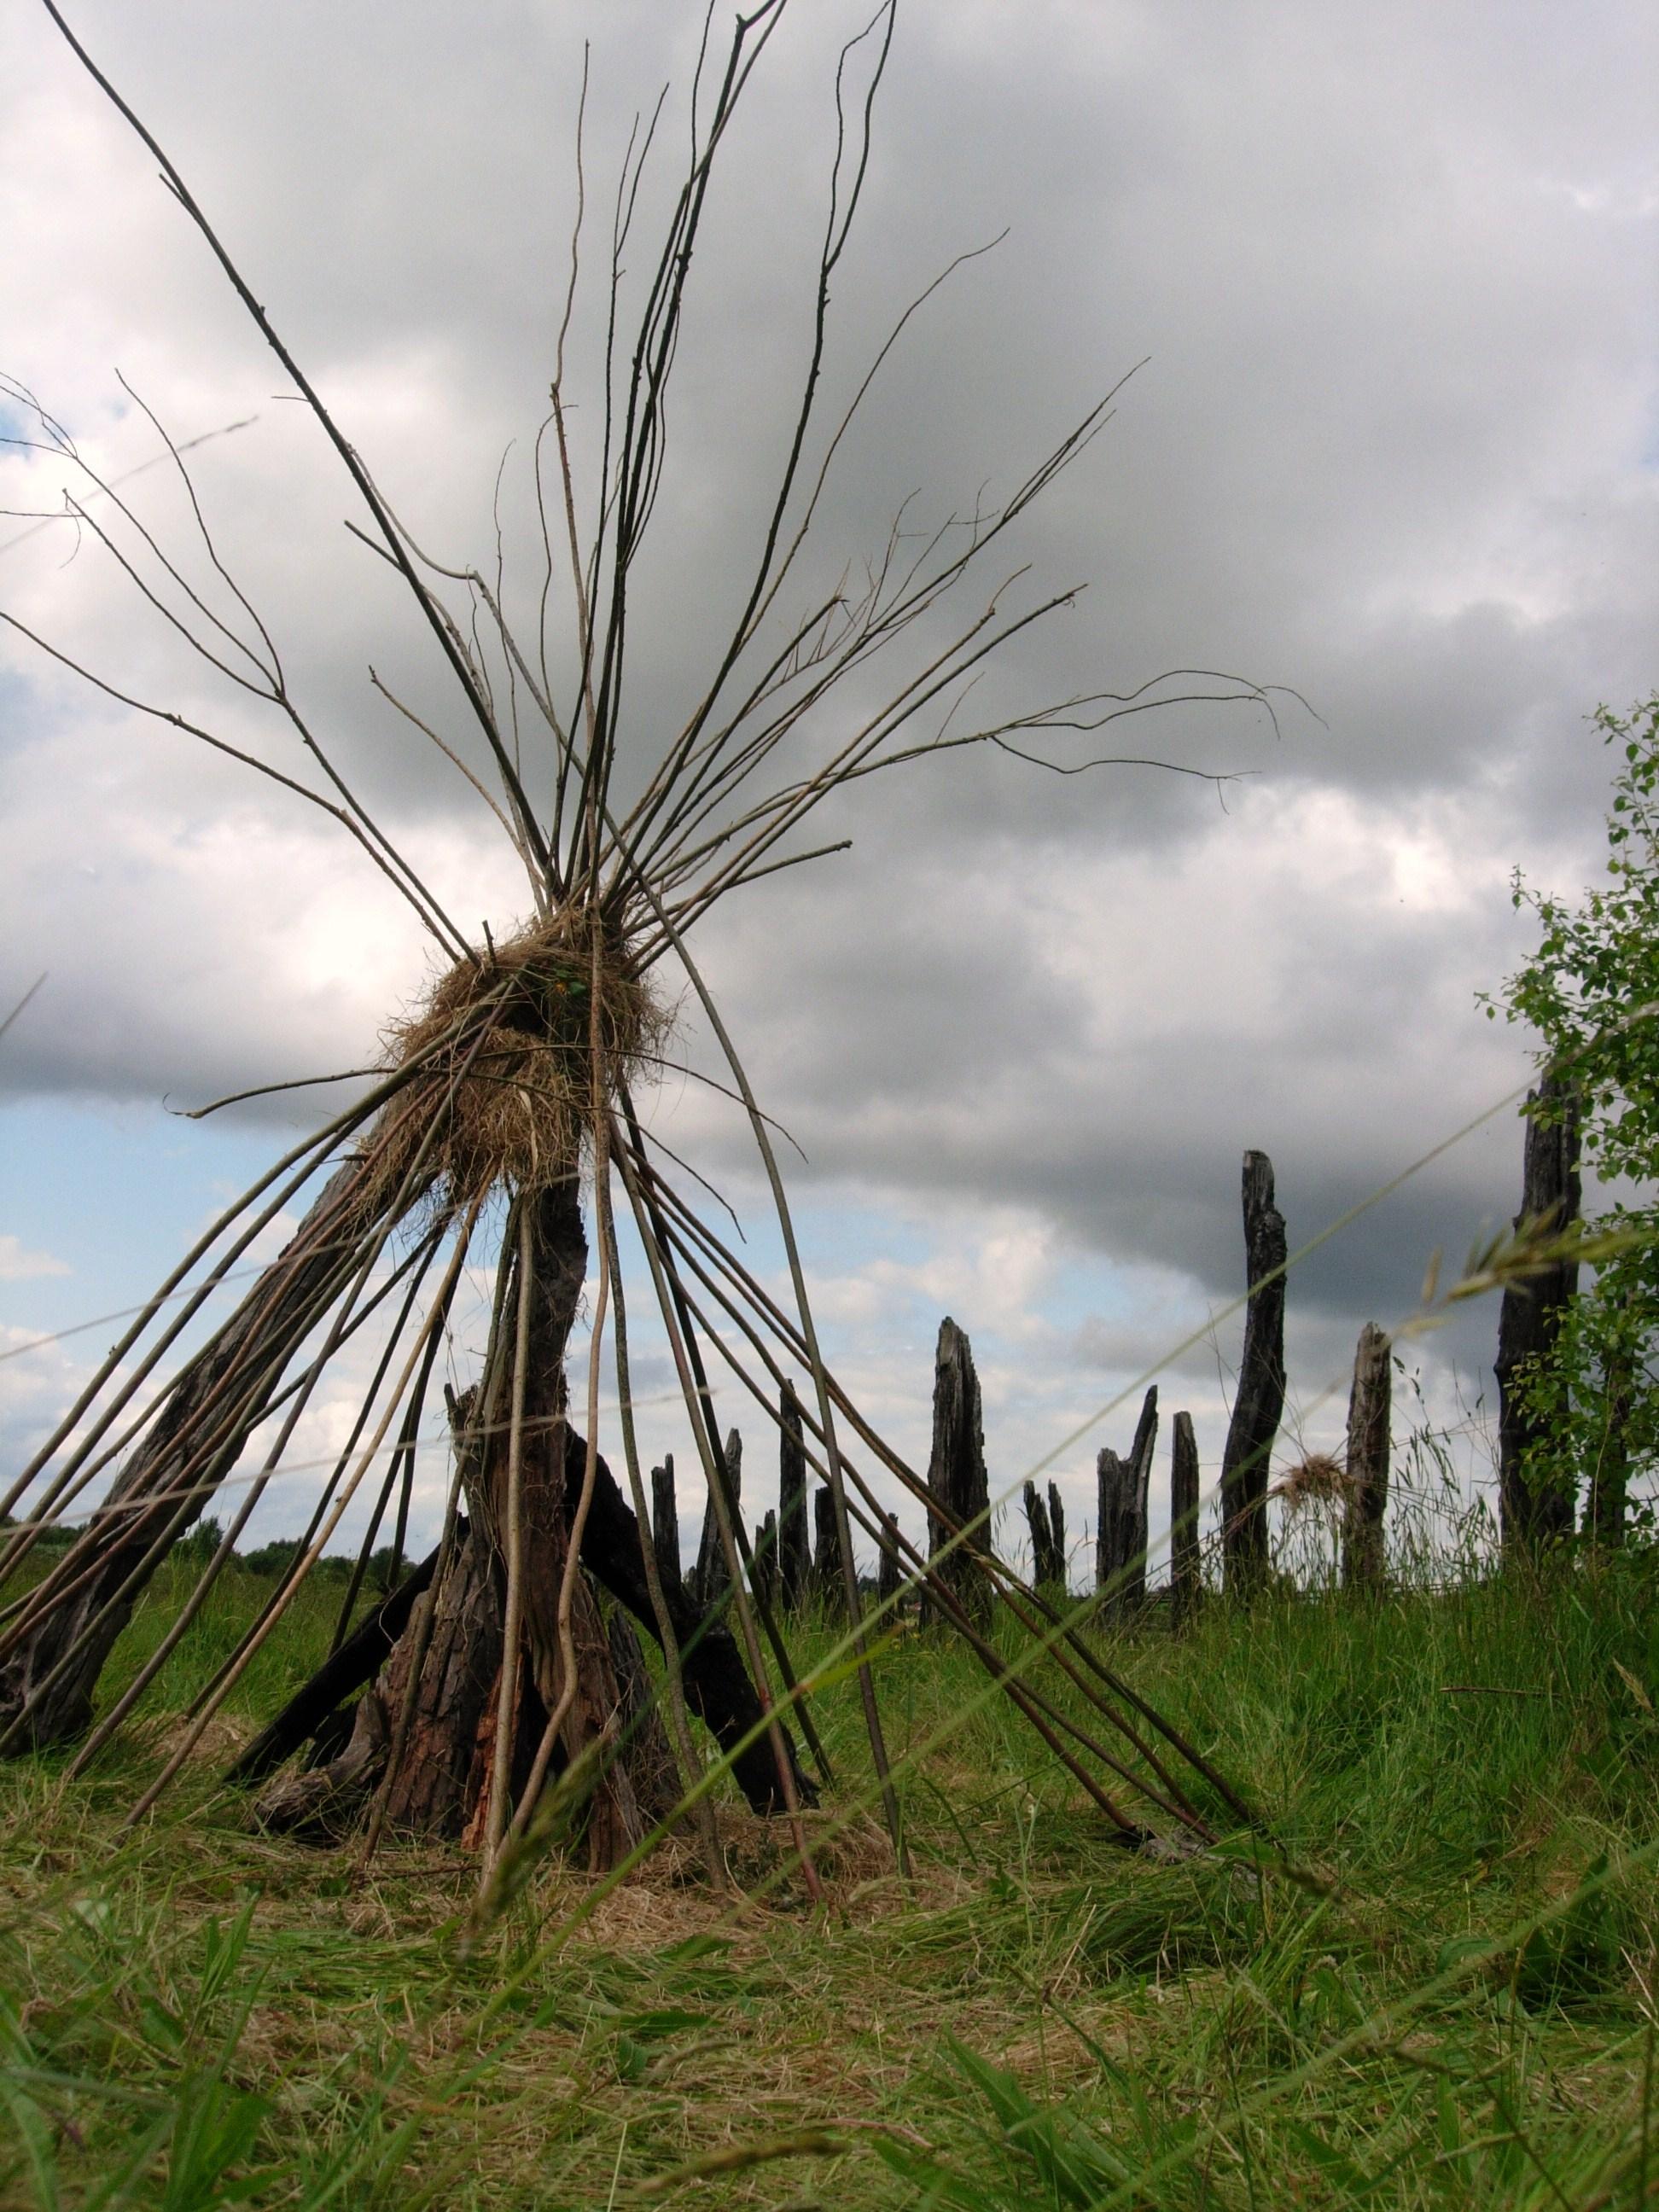 EnvironmentalSculpture-MarieBrett